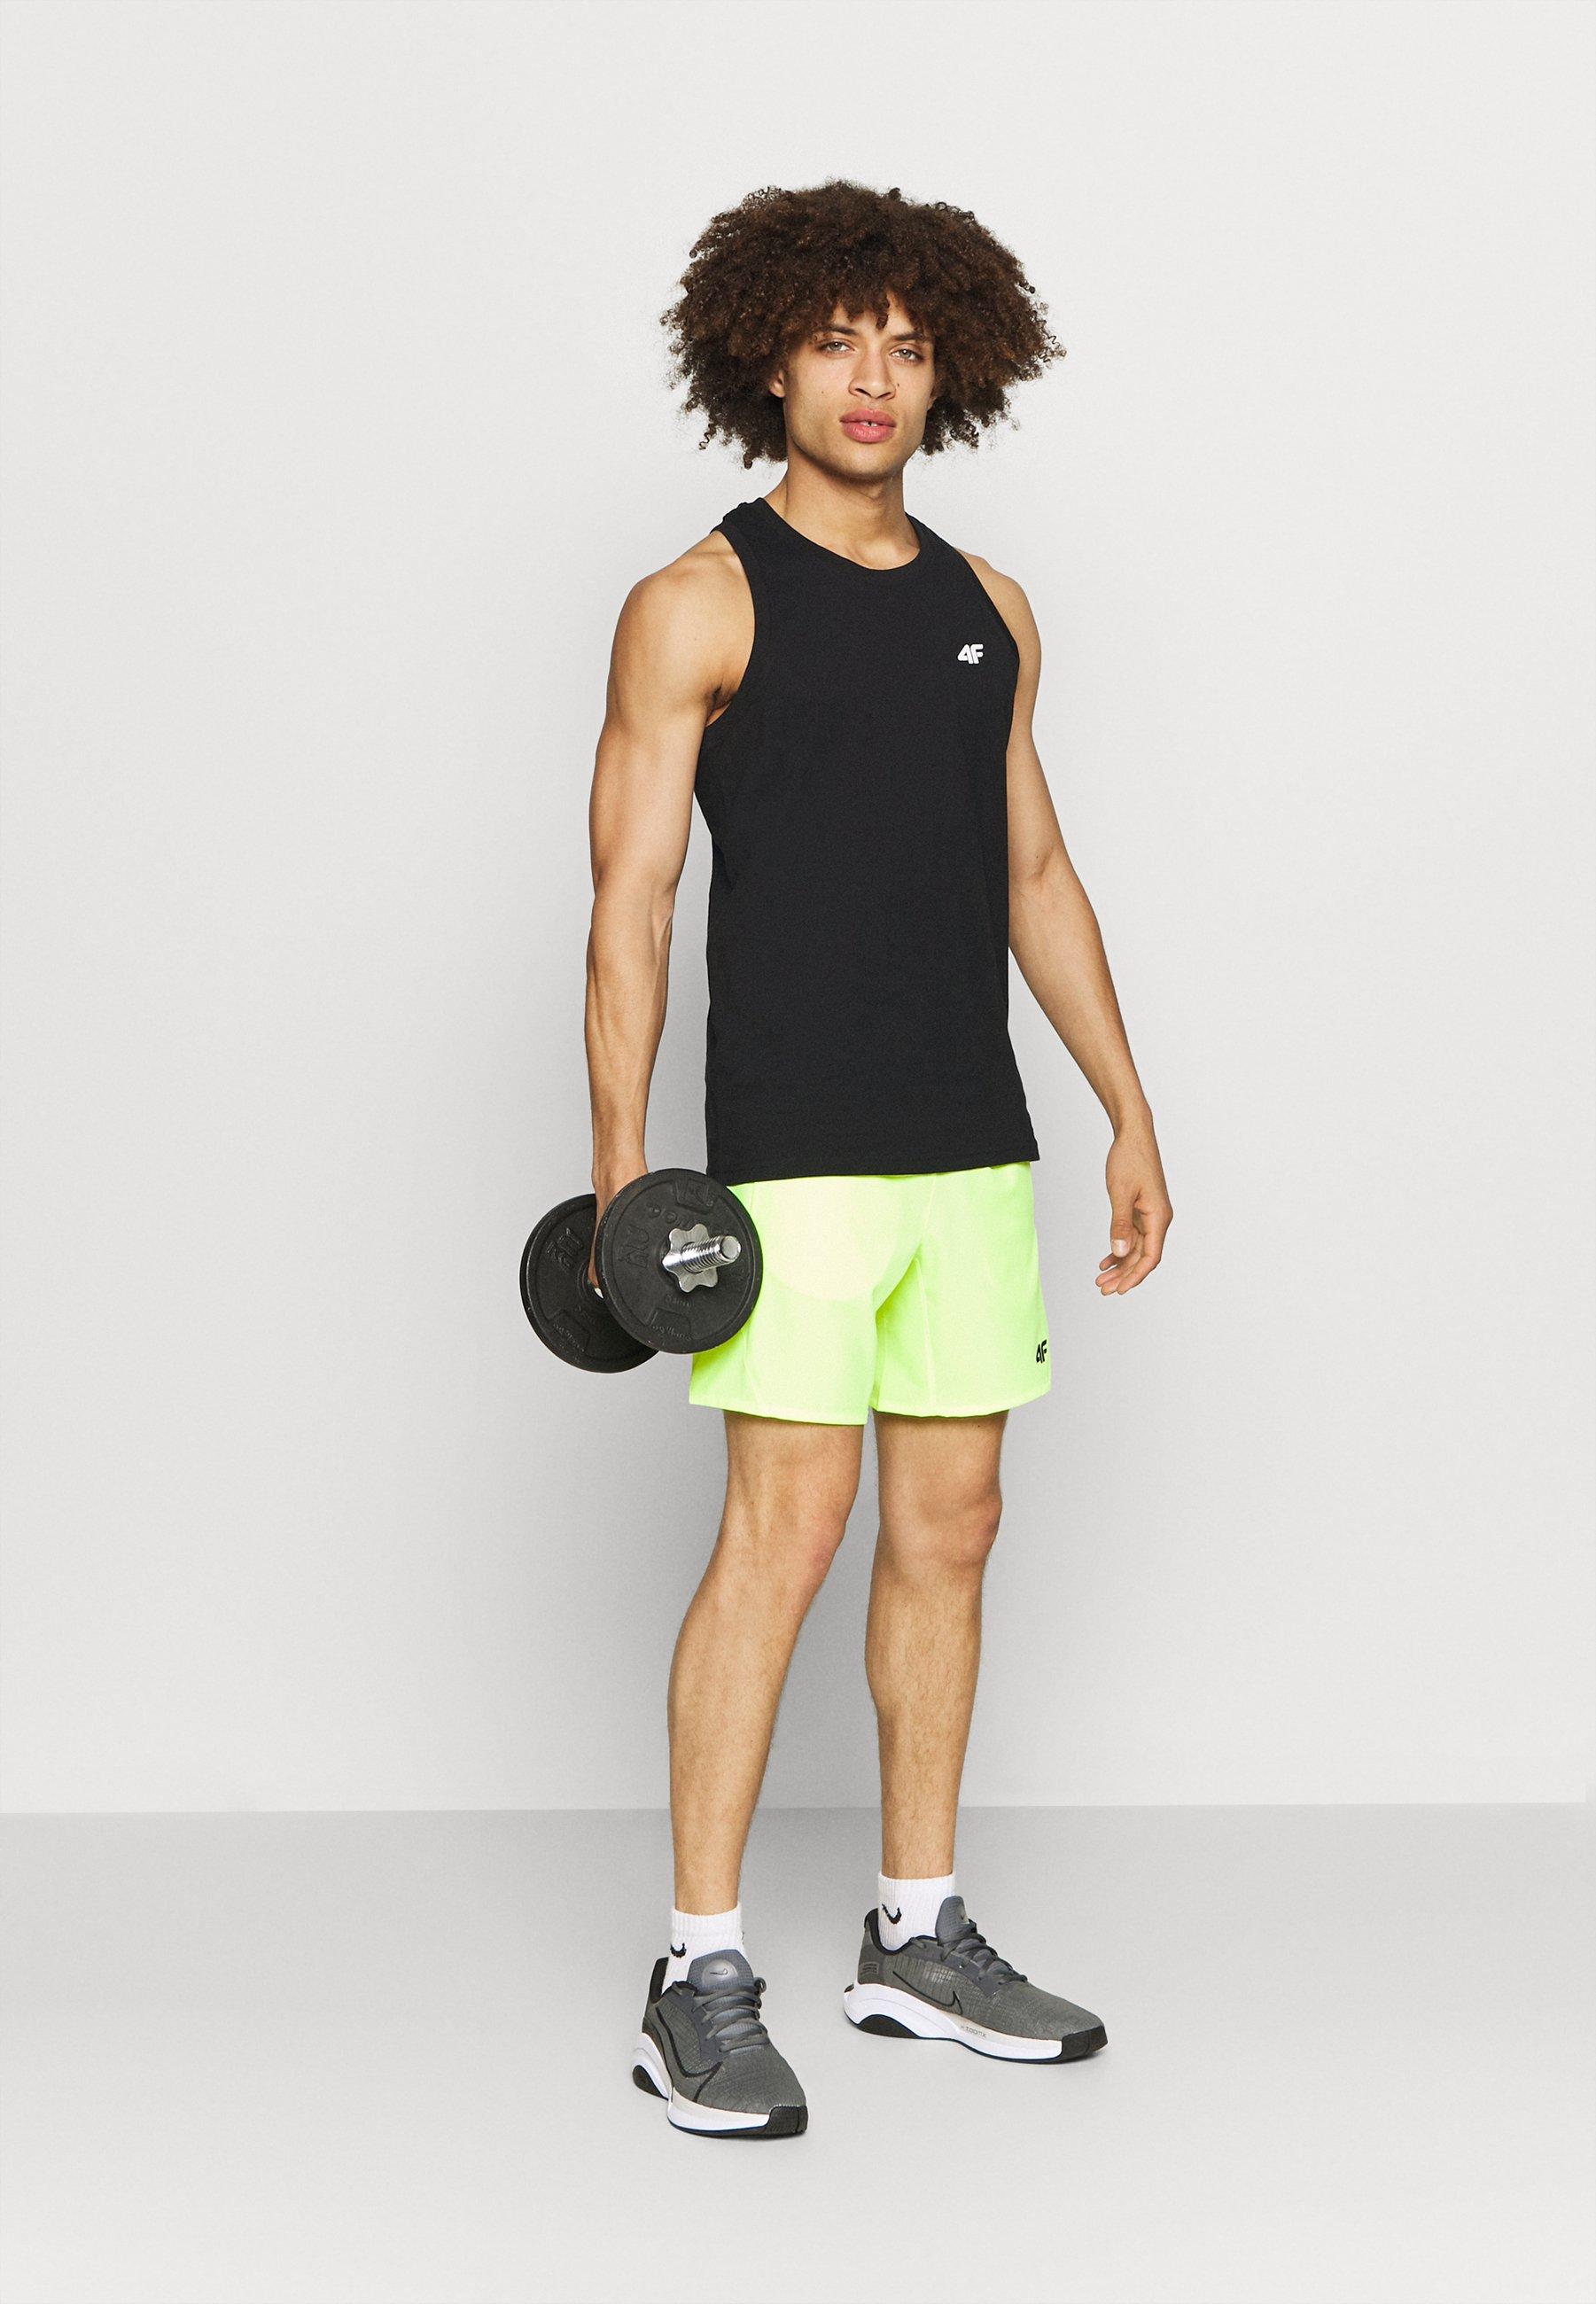 Men Men's sleeveless top - Top